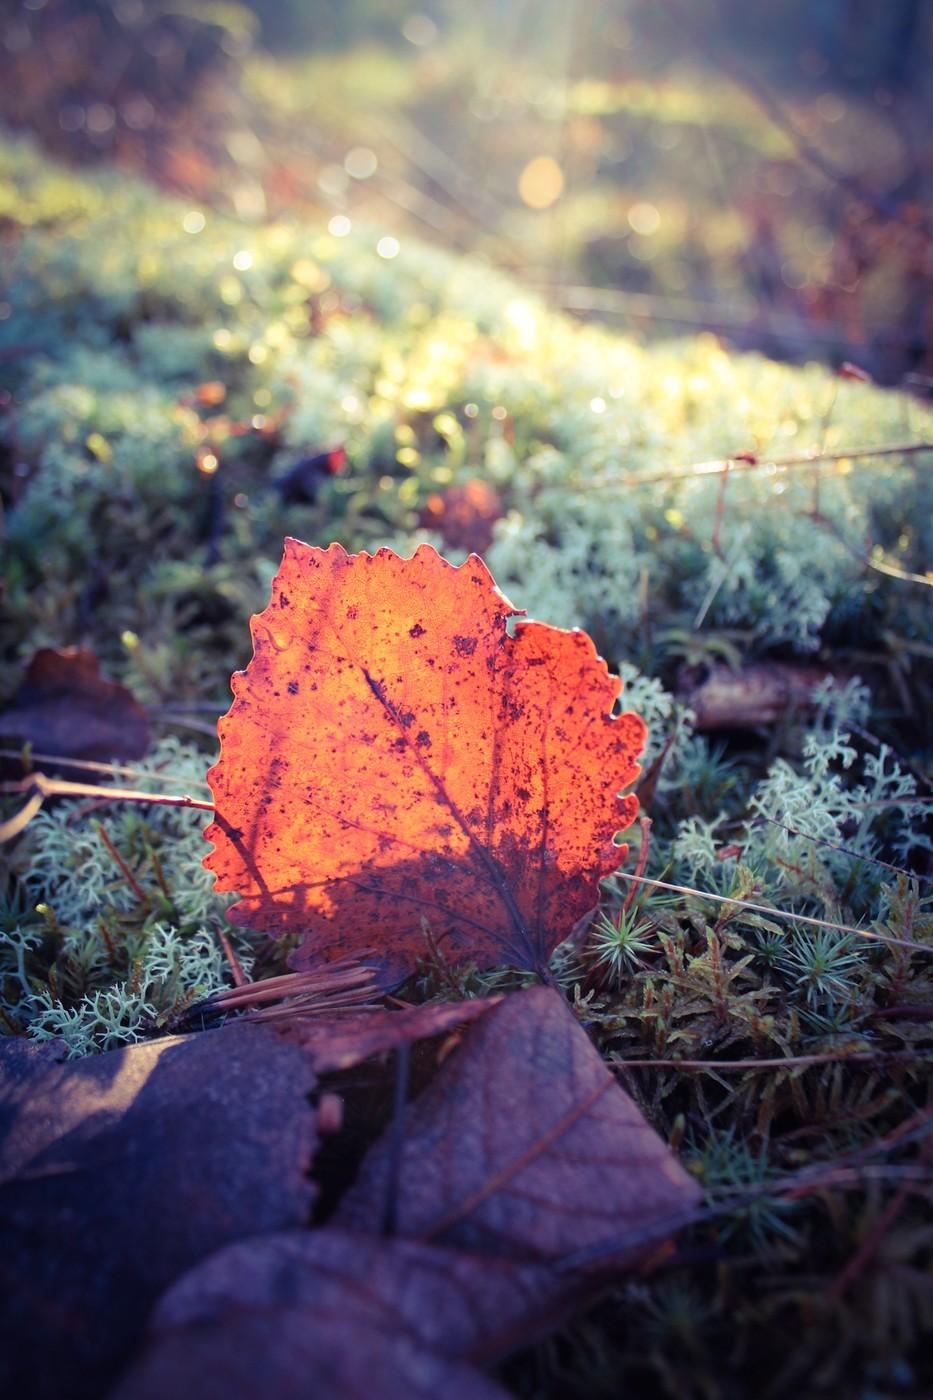 AdobePhotoshopExpress_2013_11_23_173933.jpg